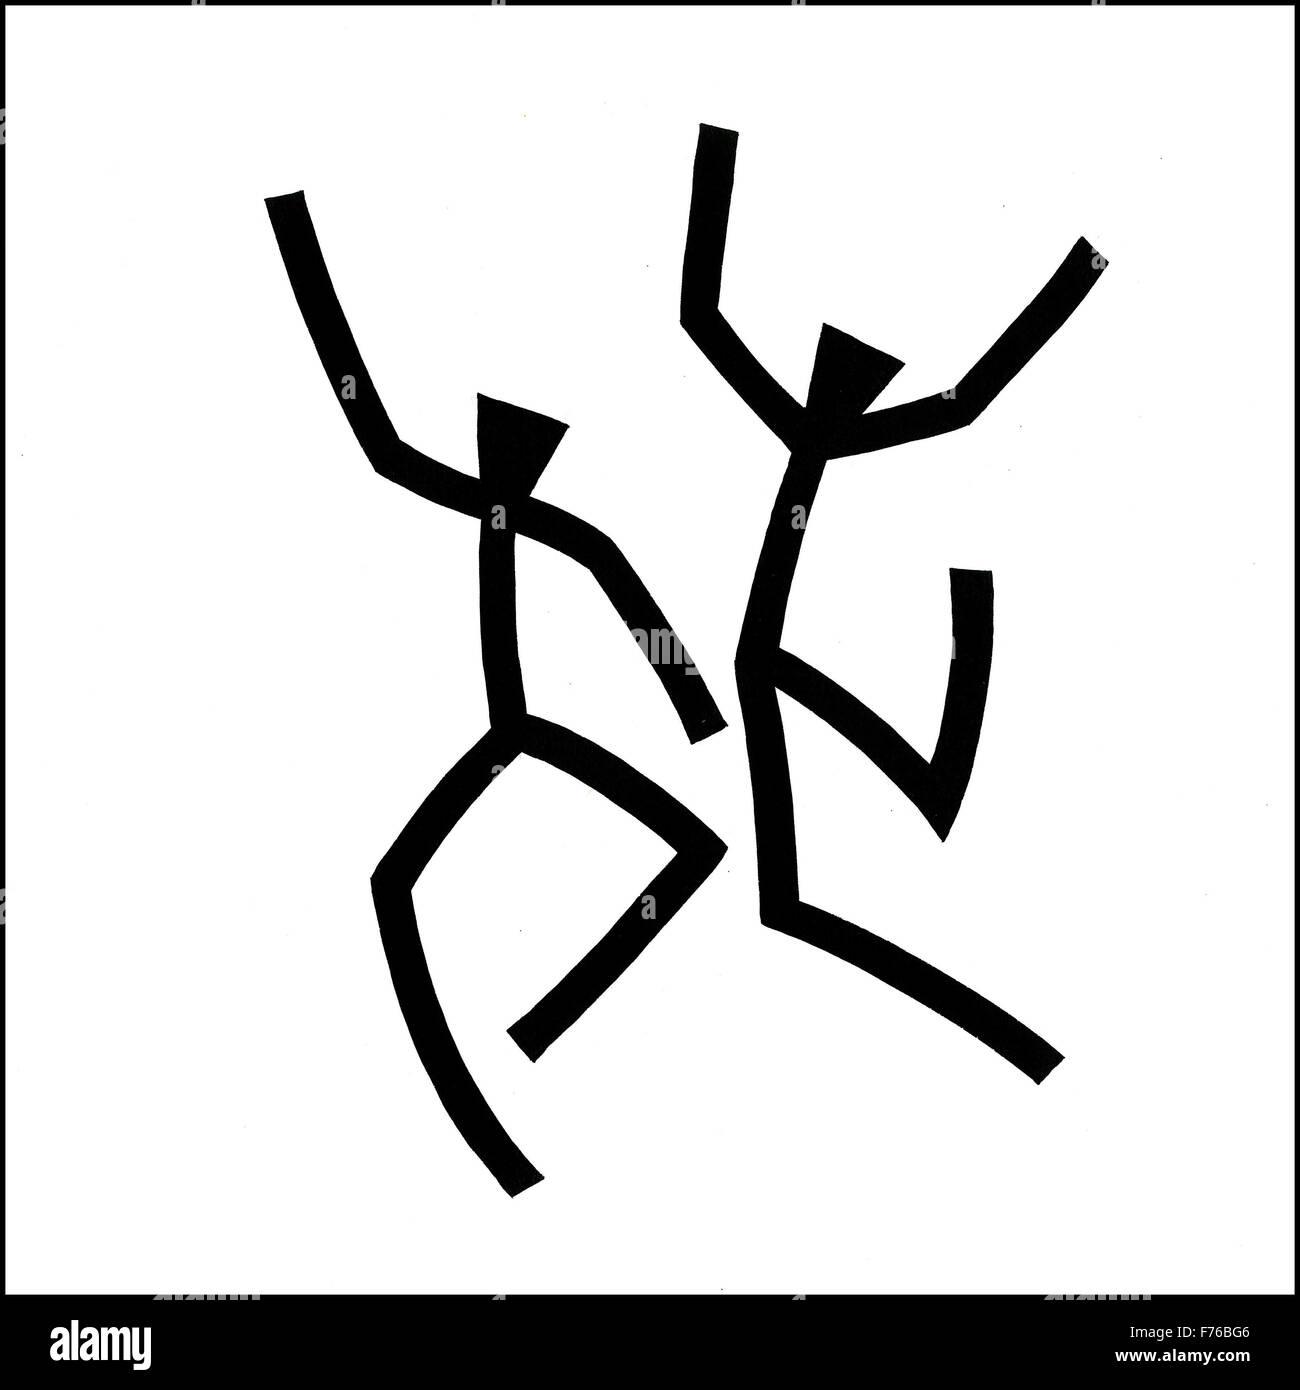 Dessin de ligne de danse Illustration Photo Stock